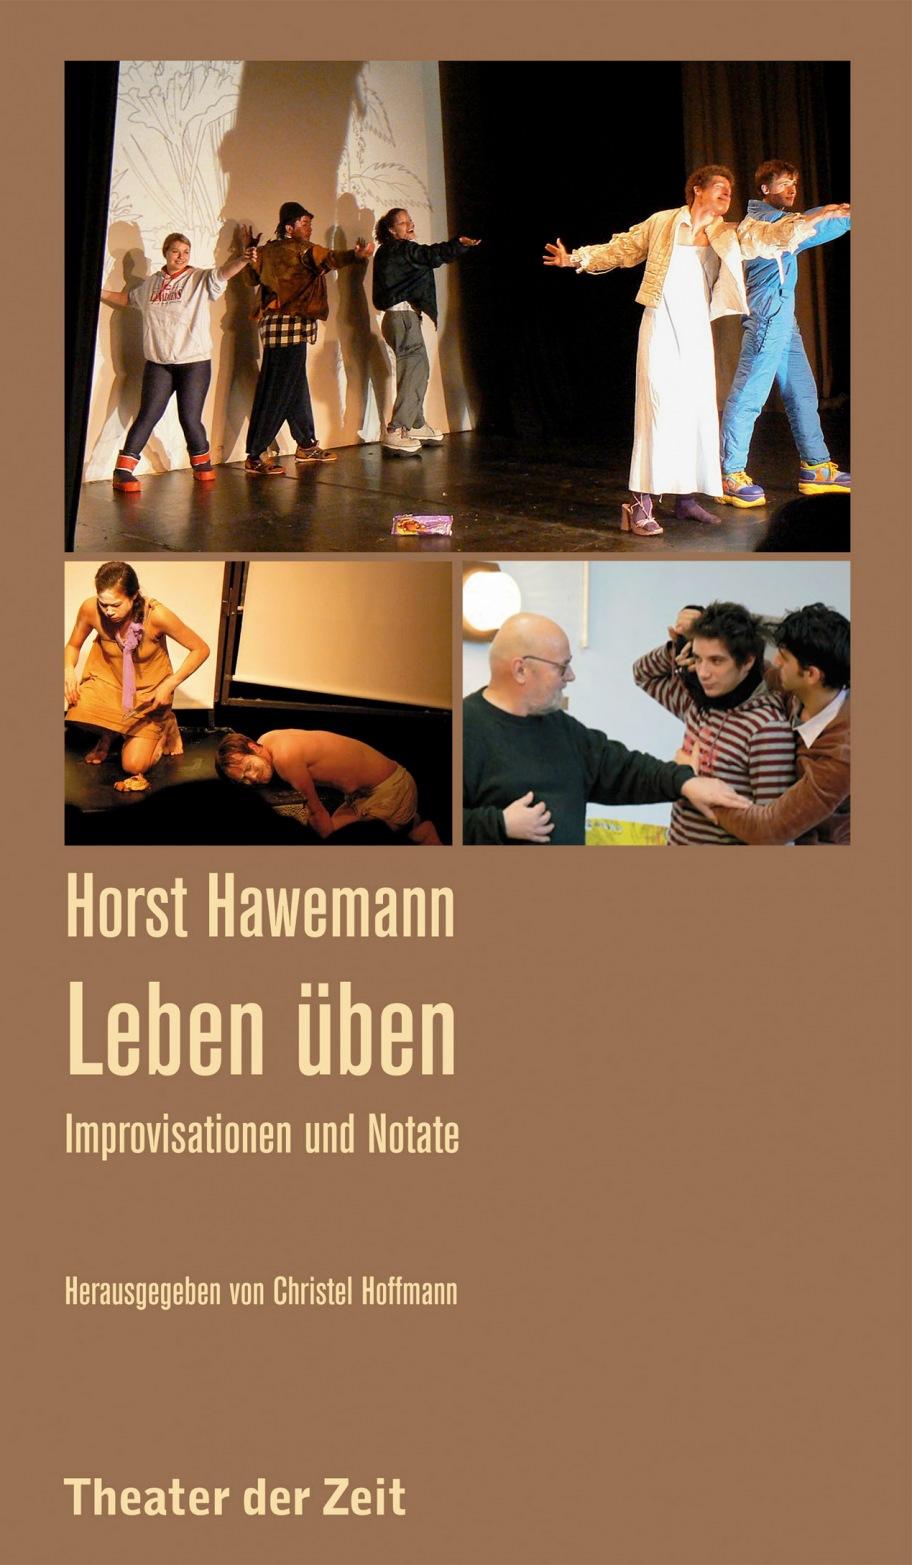 Horst Hawemann: Horst Hawemann - Leben üben